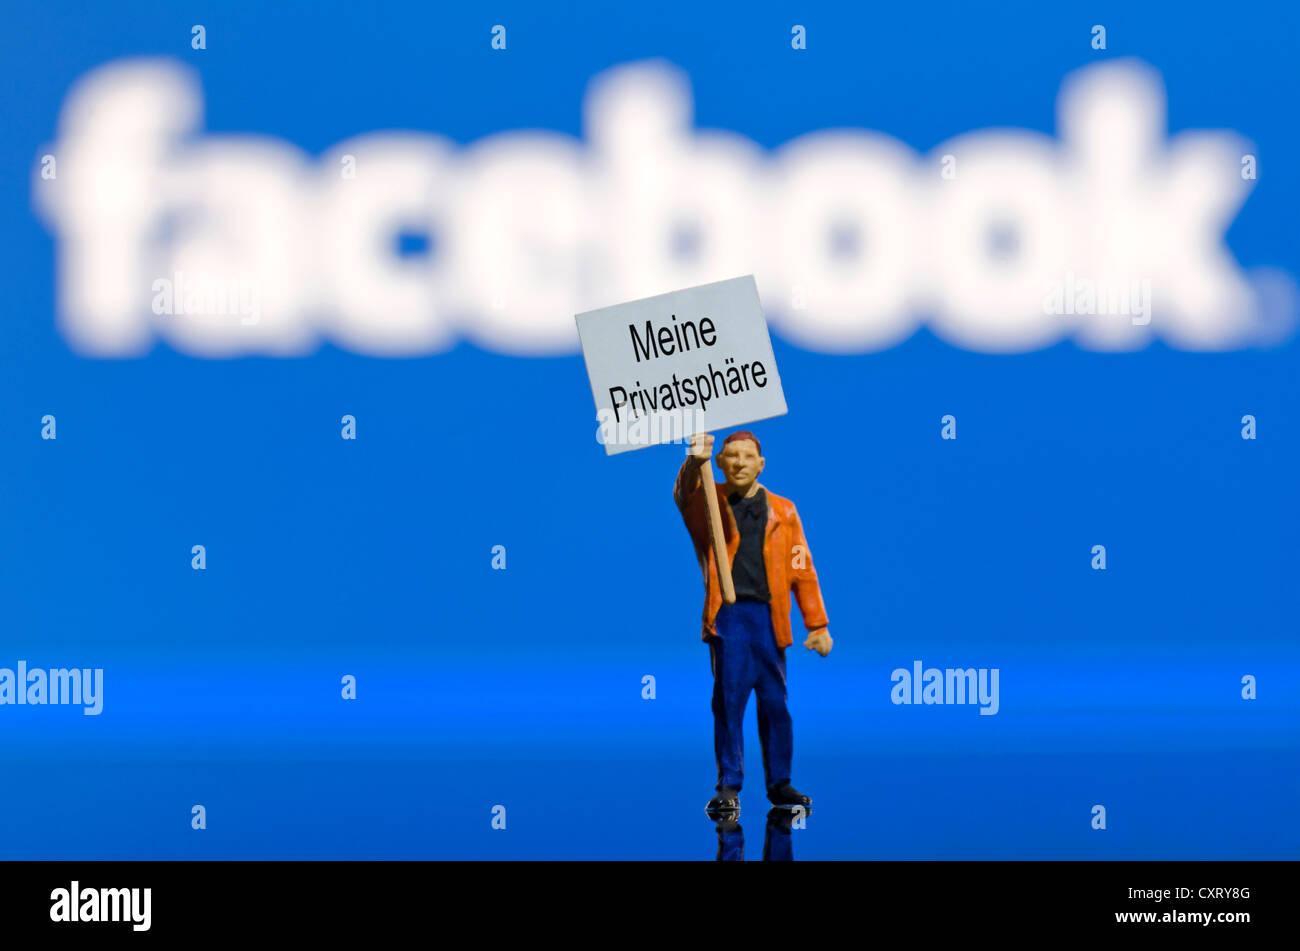 """Protester tenendo un bordo, lettering """"eine Privatsphaere', Tedesco per 'My privacy"""", miniaturizzato Immagini Stock"""